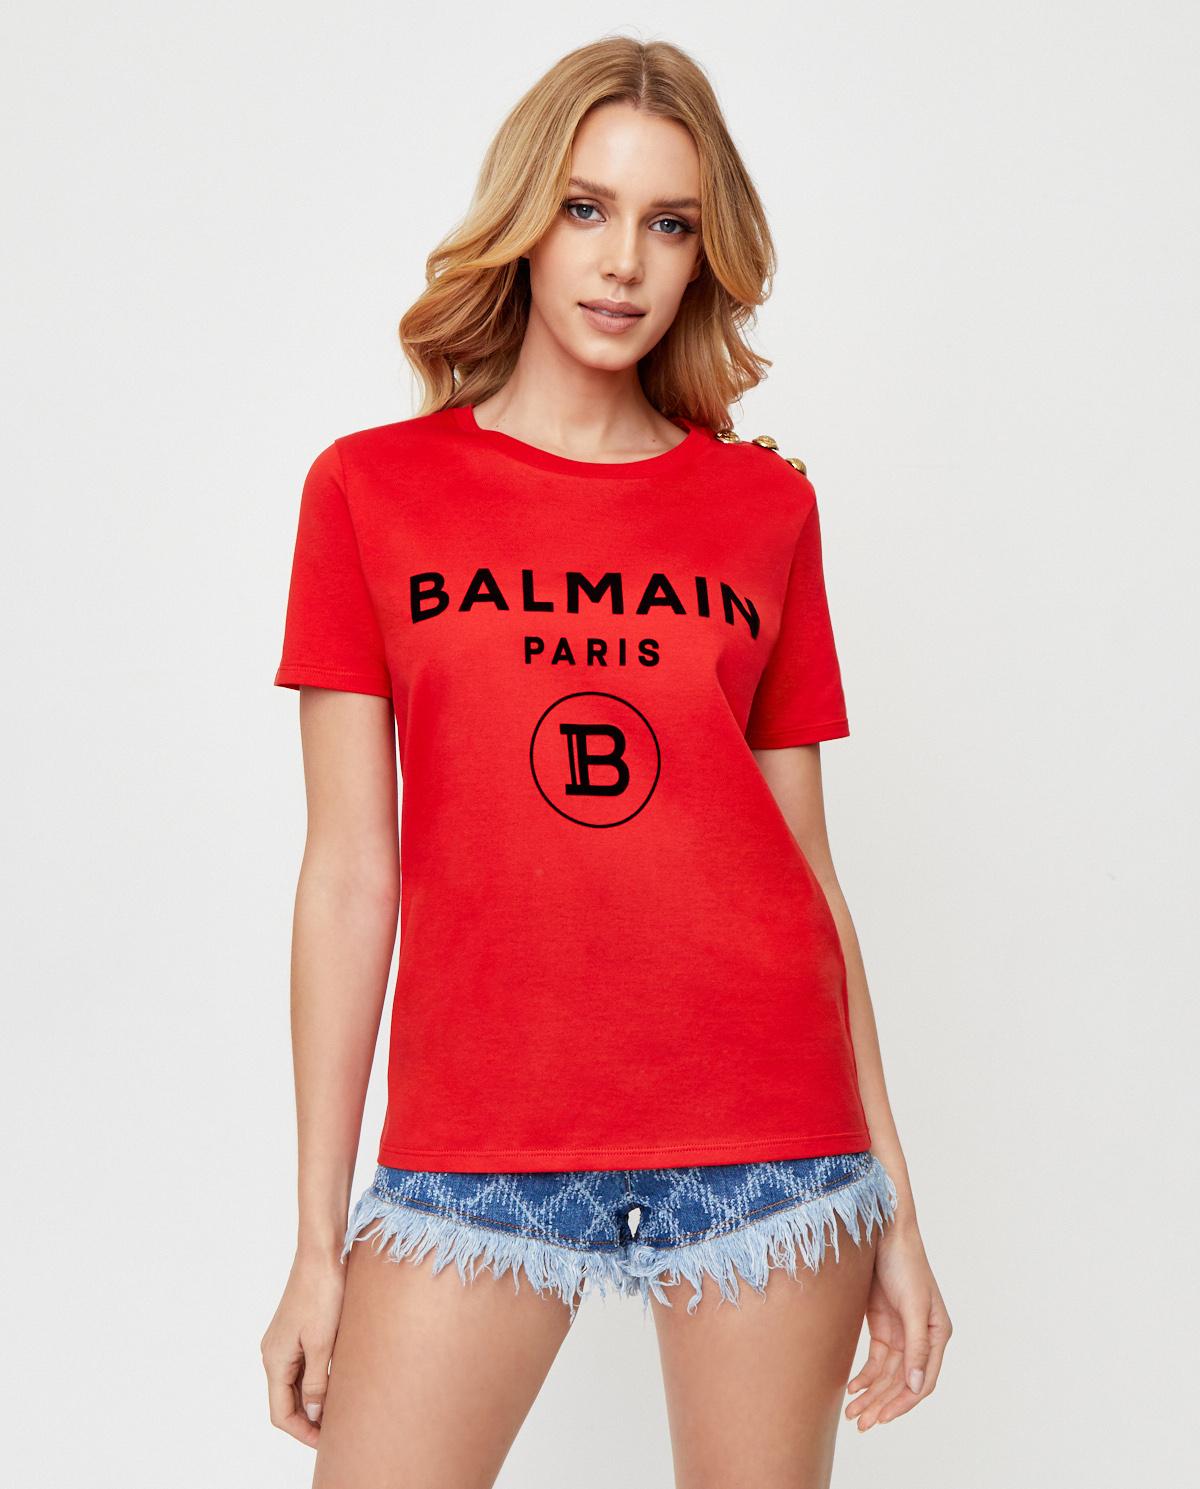 Damska czerwona koszulka z logo Balmain UF11350I386 MAB